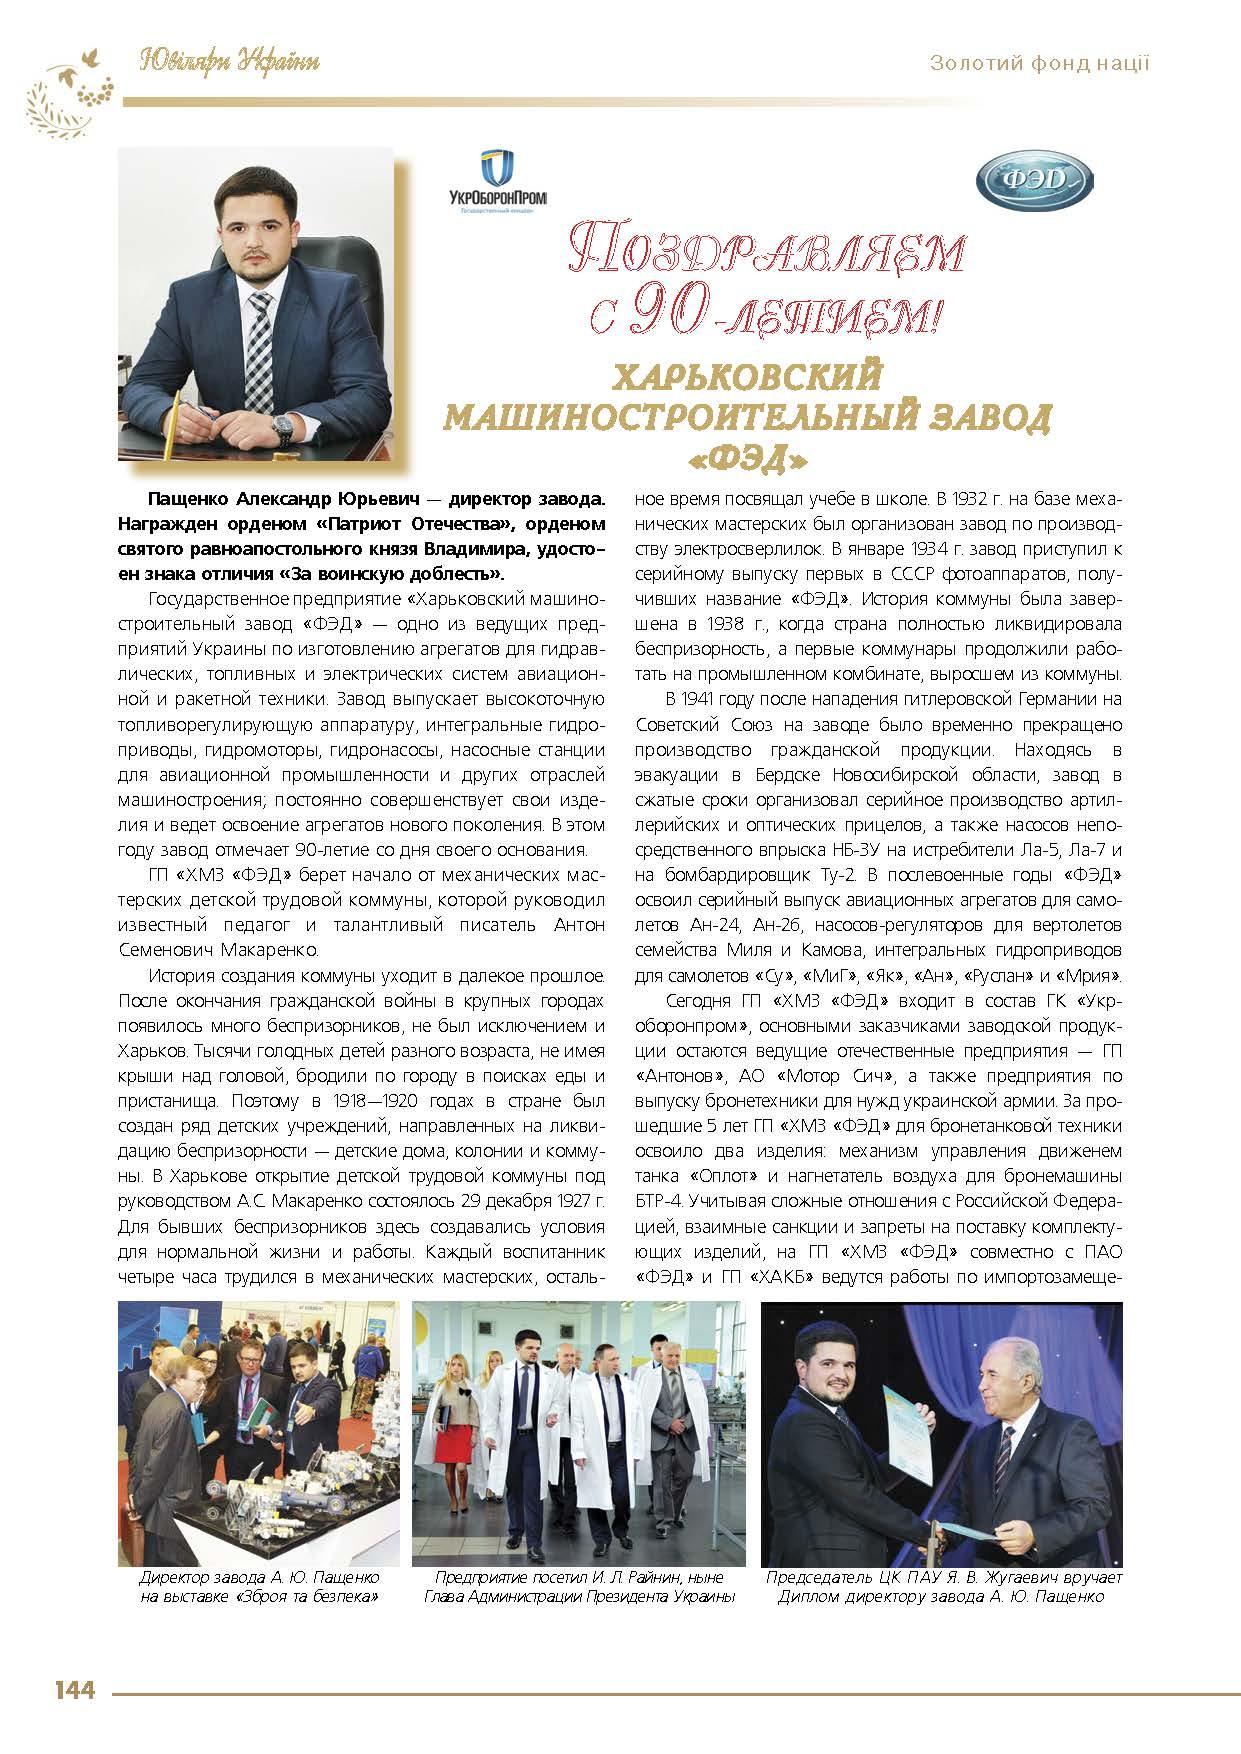 Харьковский машиностроительный завод «ФЭД» - Пащенко Александр Юрьевич